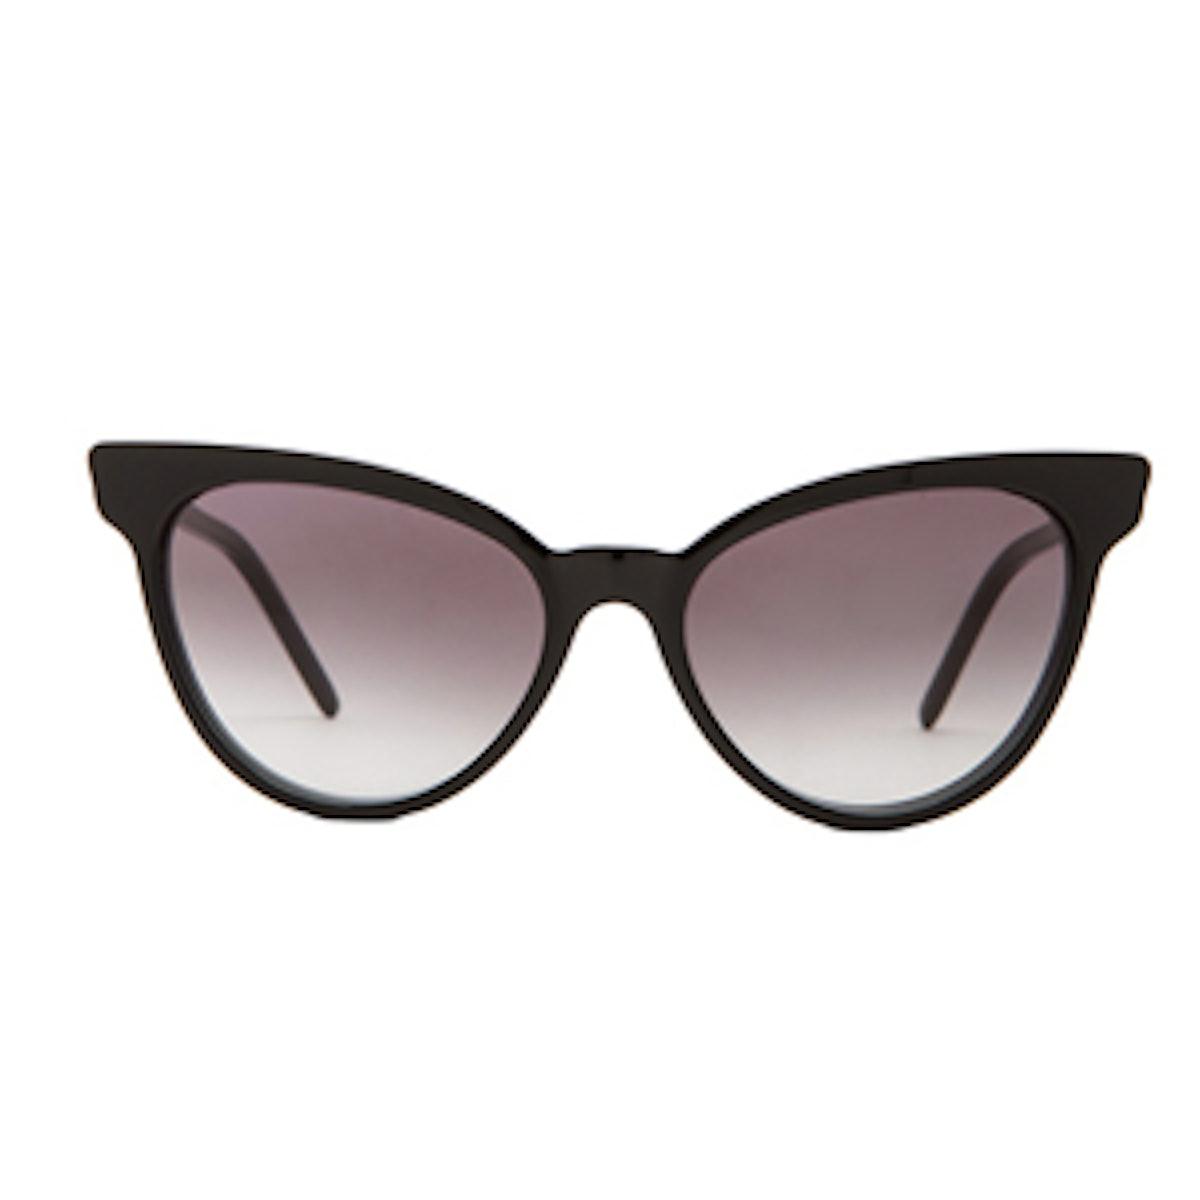 Le Femme Sunglasses